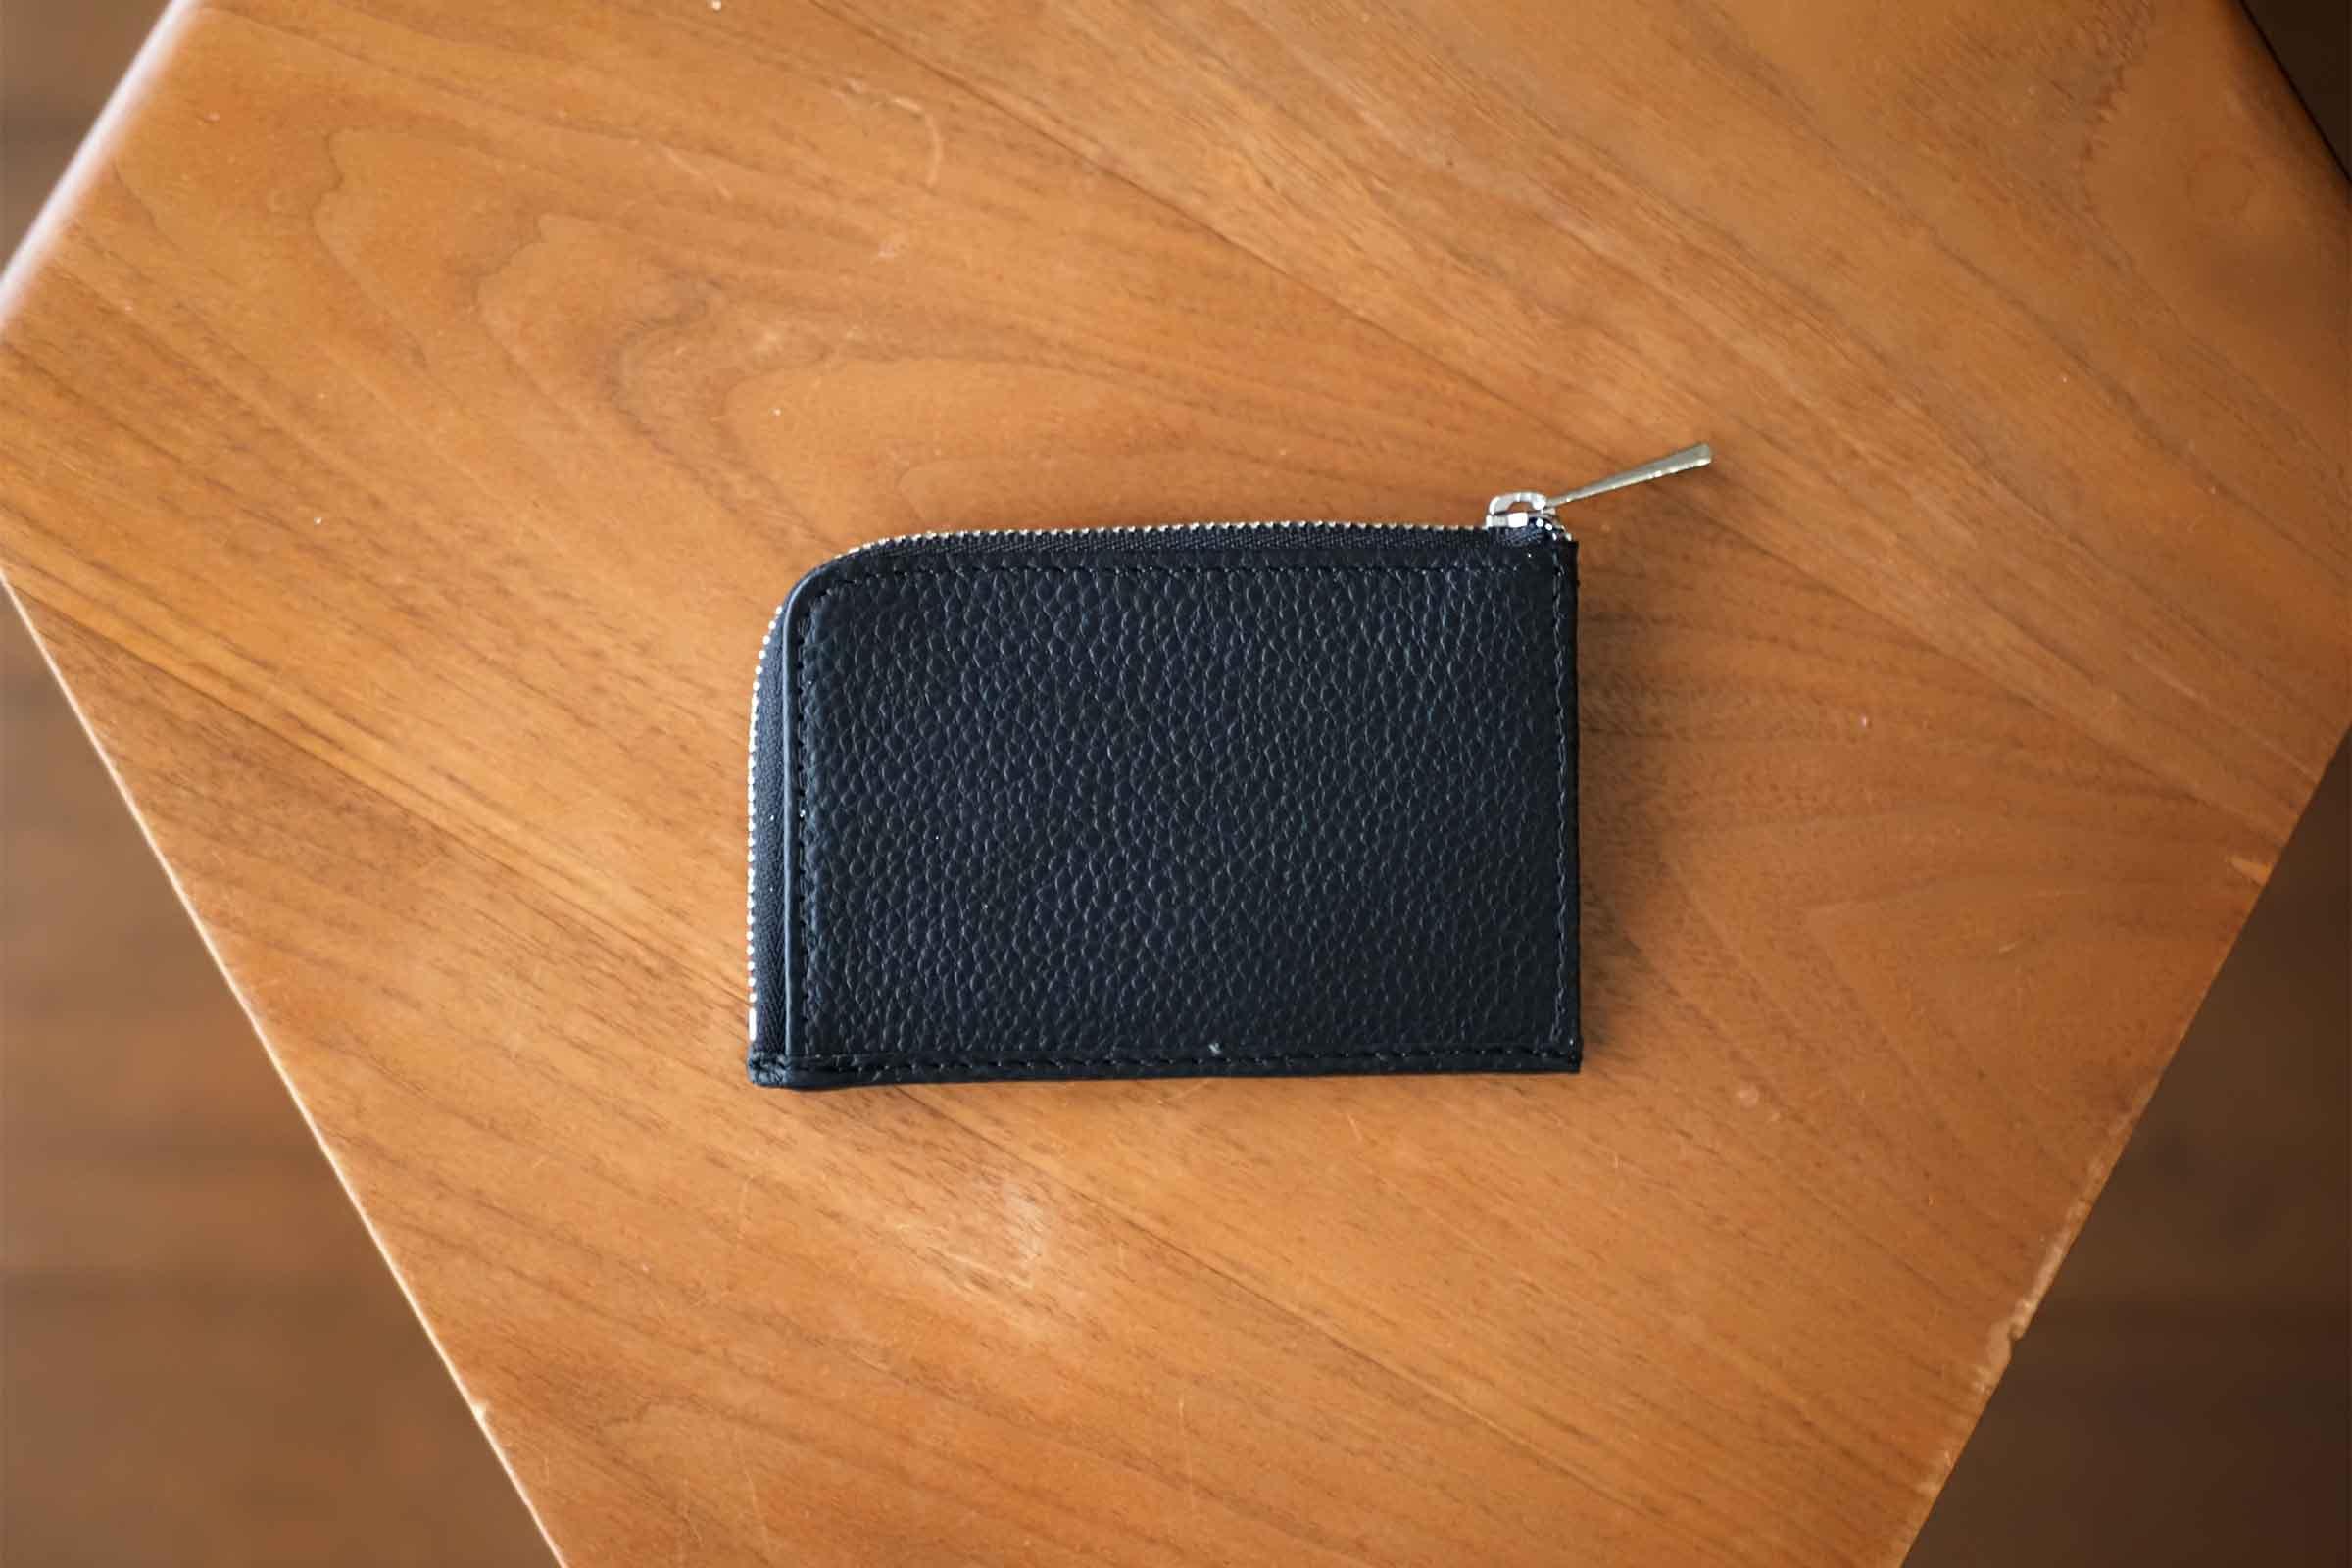 ミニ財布,リスキーモデル,risky,コンパクト,小さい,安い,コスパ